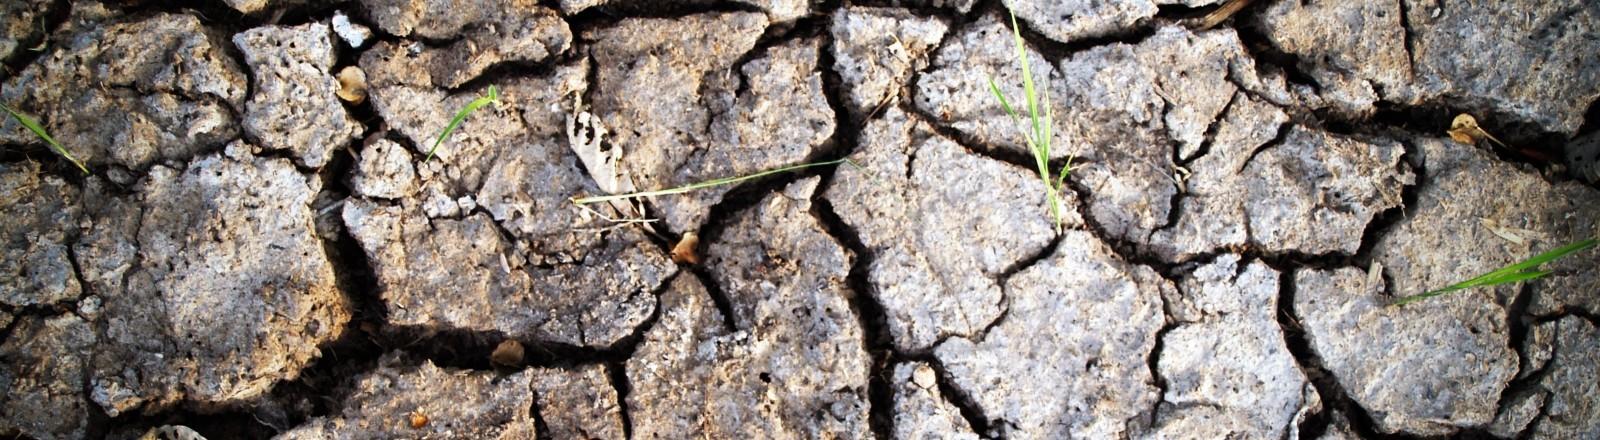 Ein aufgerissener und dünner Boden